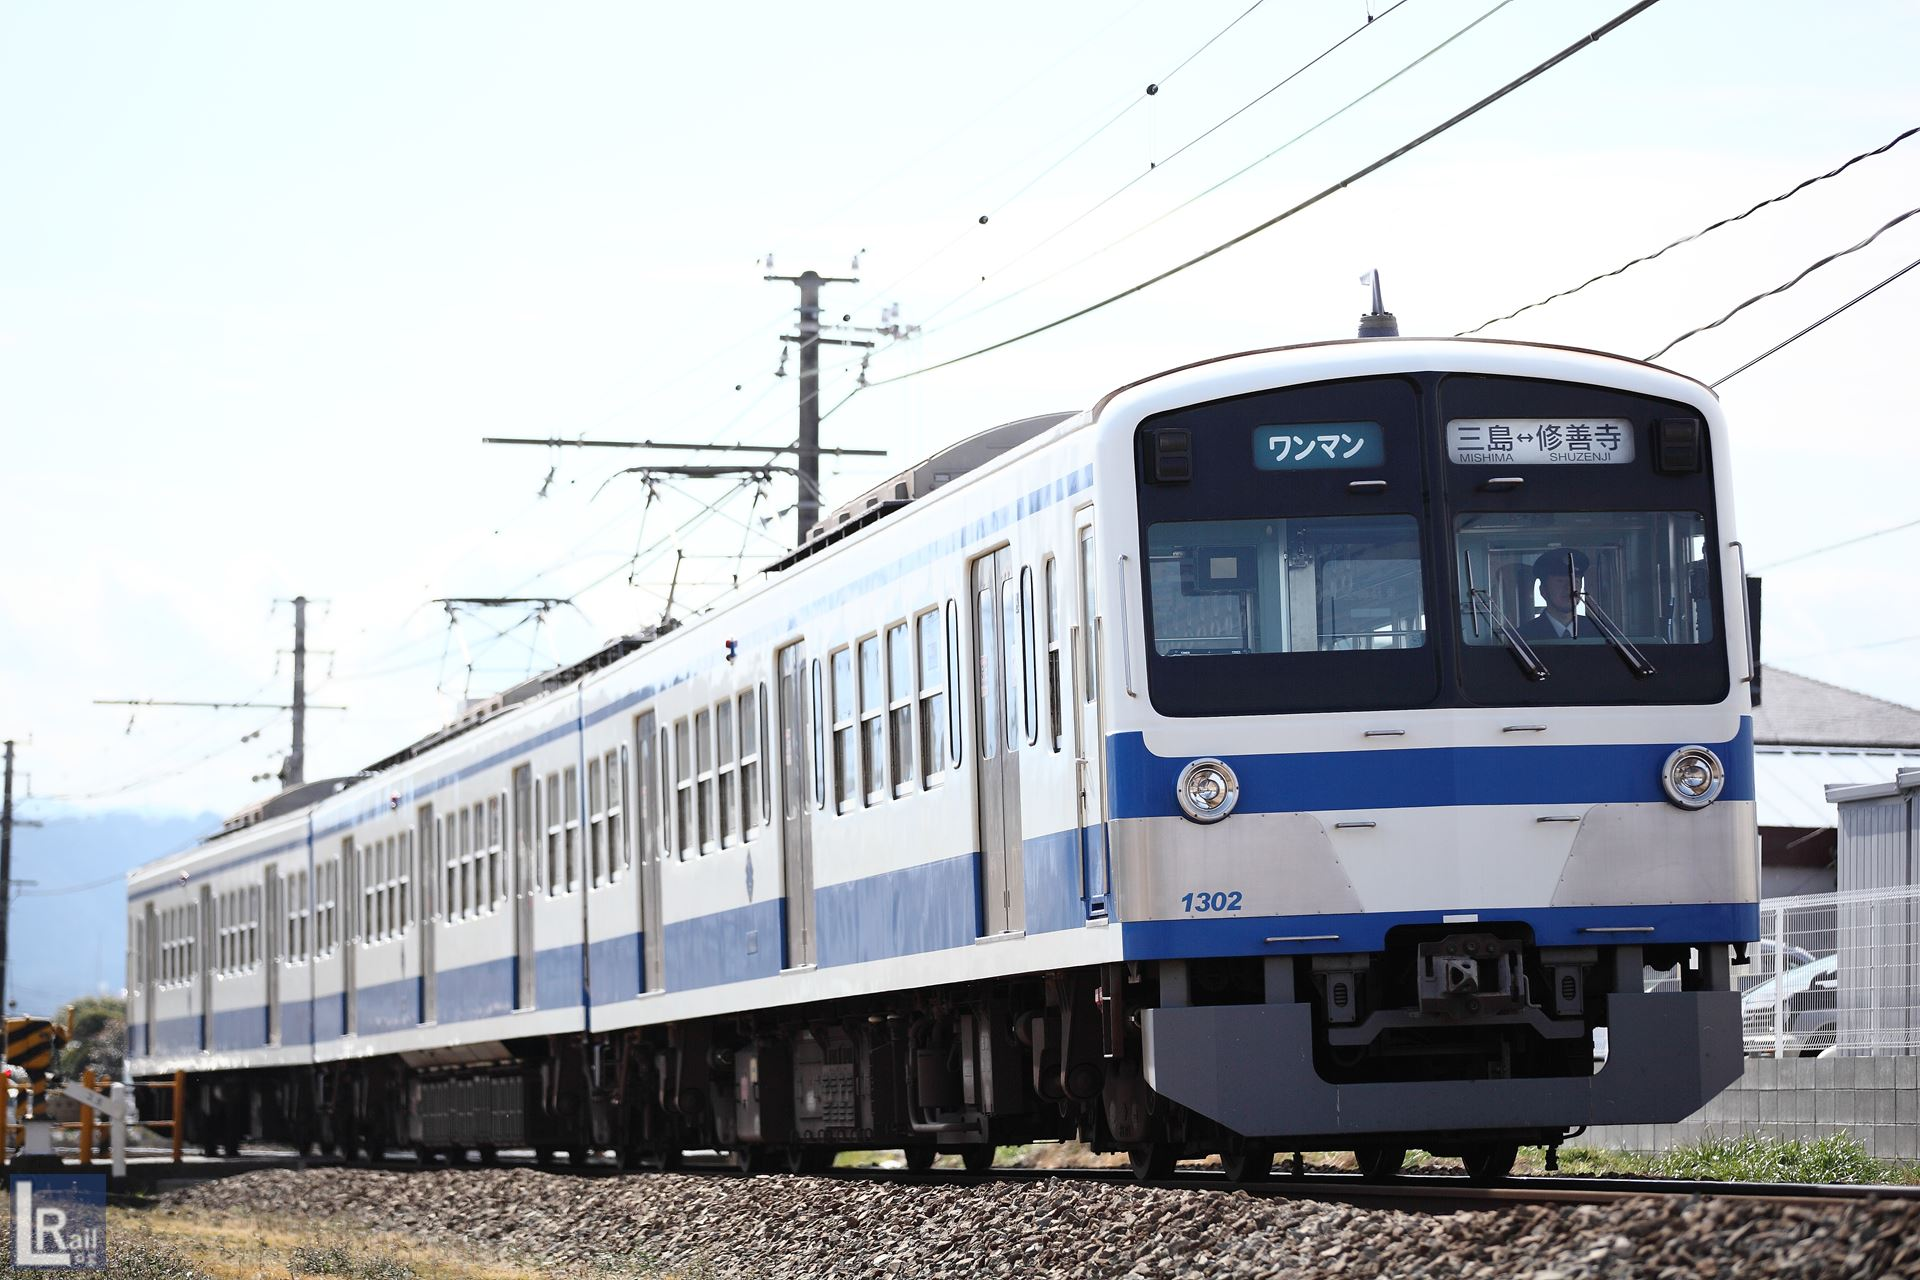 伊豆箱根鉄道1300系1302Fの三島方先頭車モハ1302